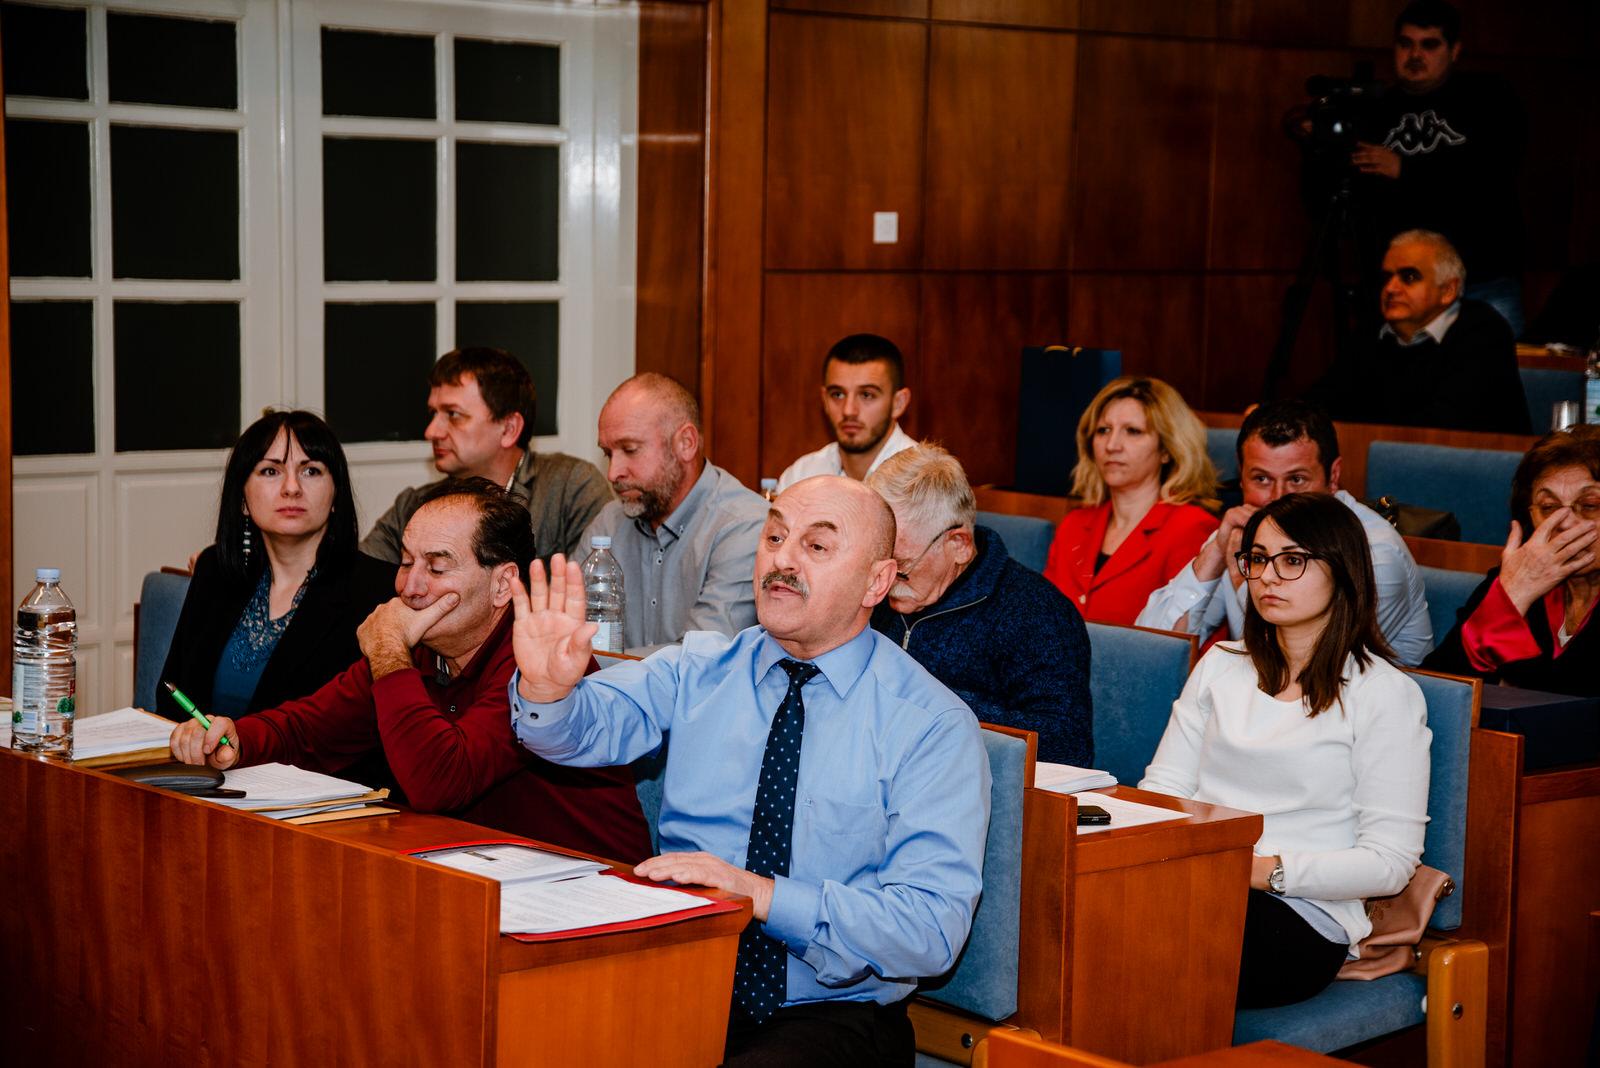 likaclub_27-sjednica-gradskog-vijeća_proračun_2019-13